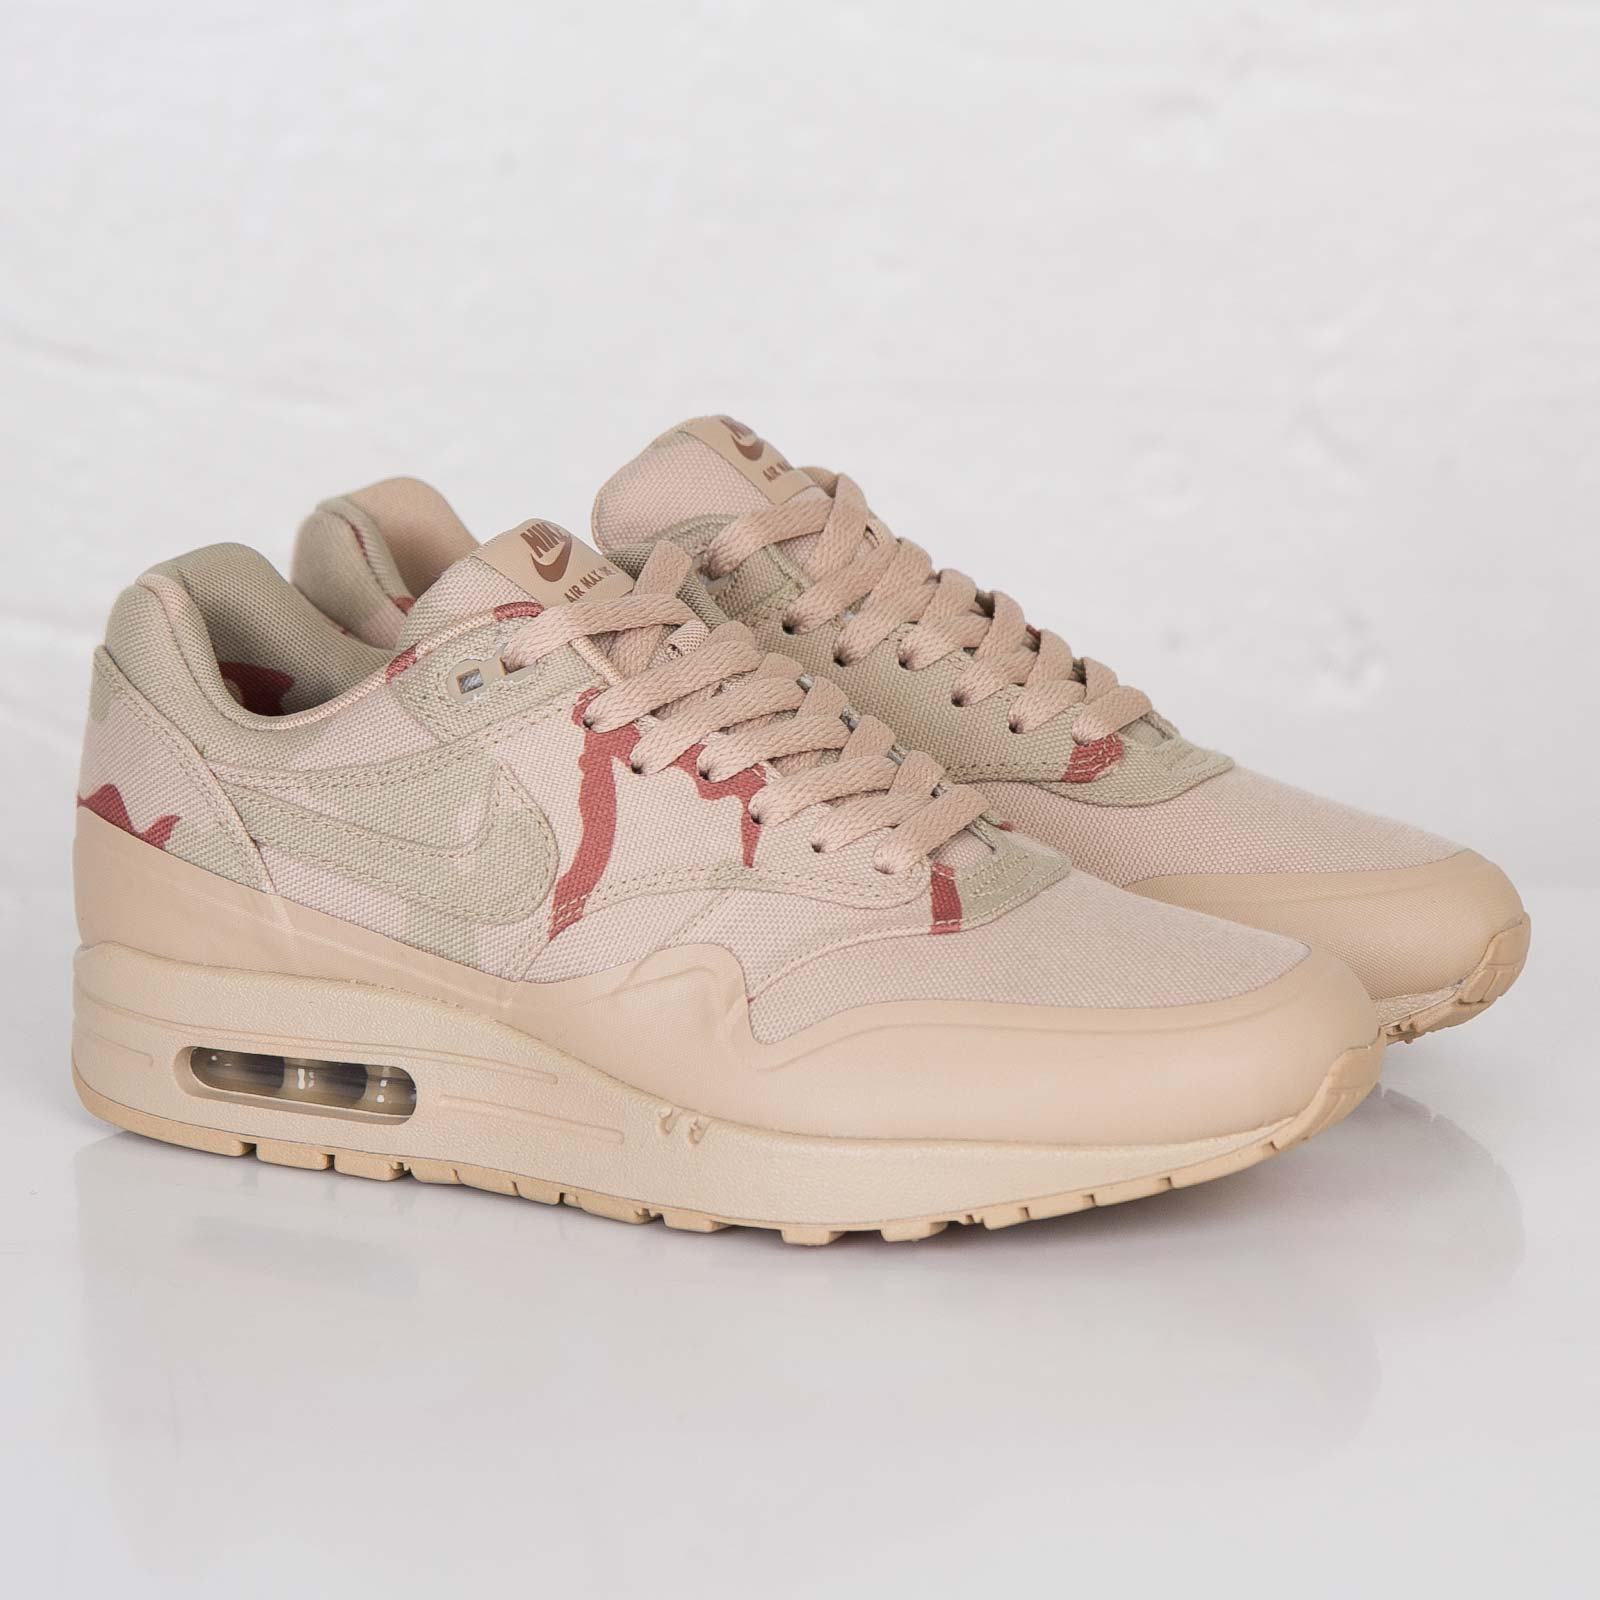 3d26525200c936 Nike Air Max 1 MC SP - 667401-220 - Sneakersnstuff